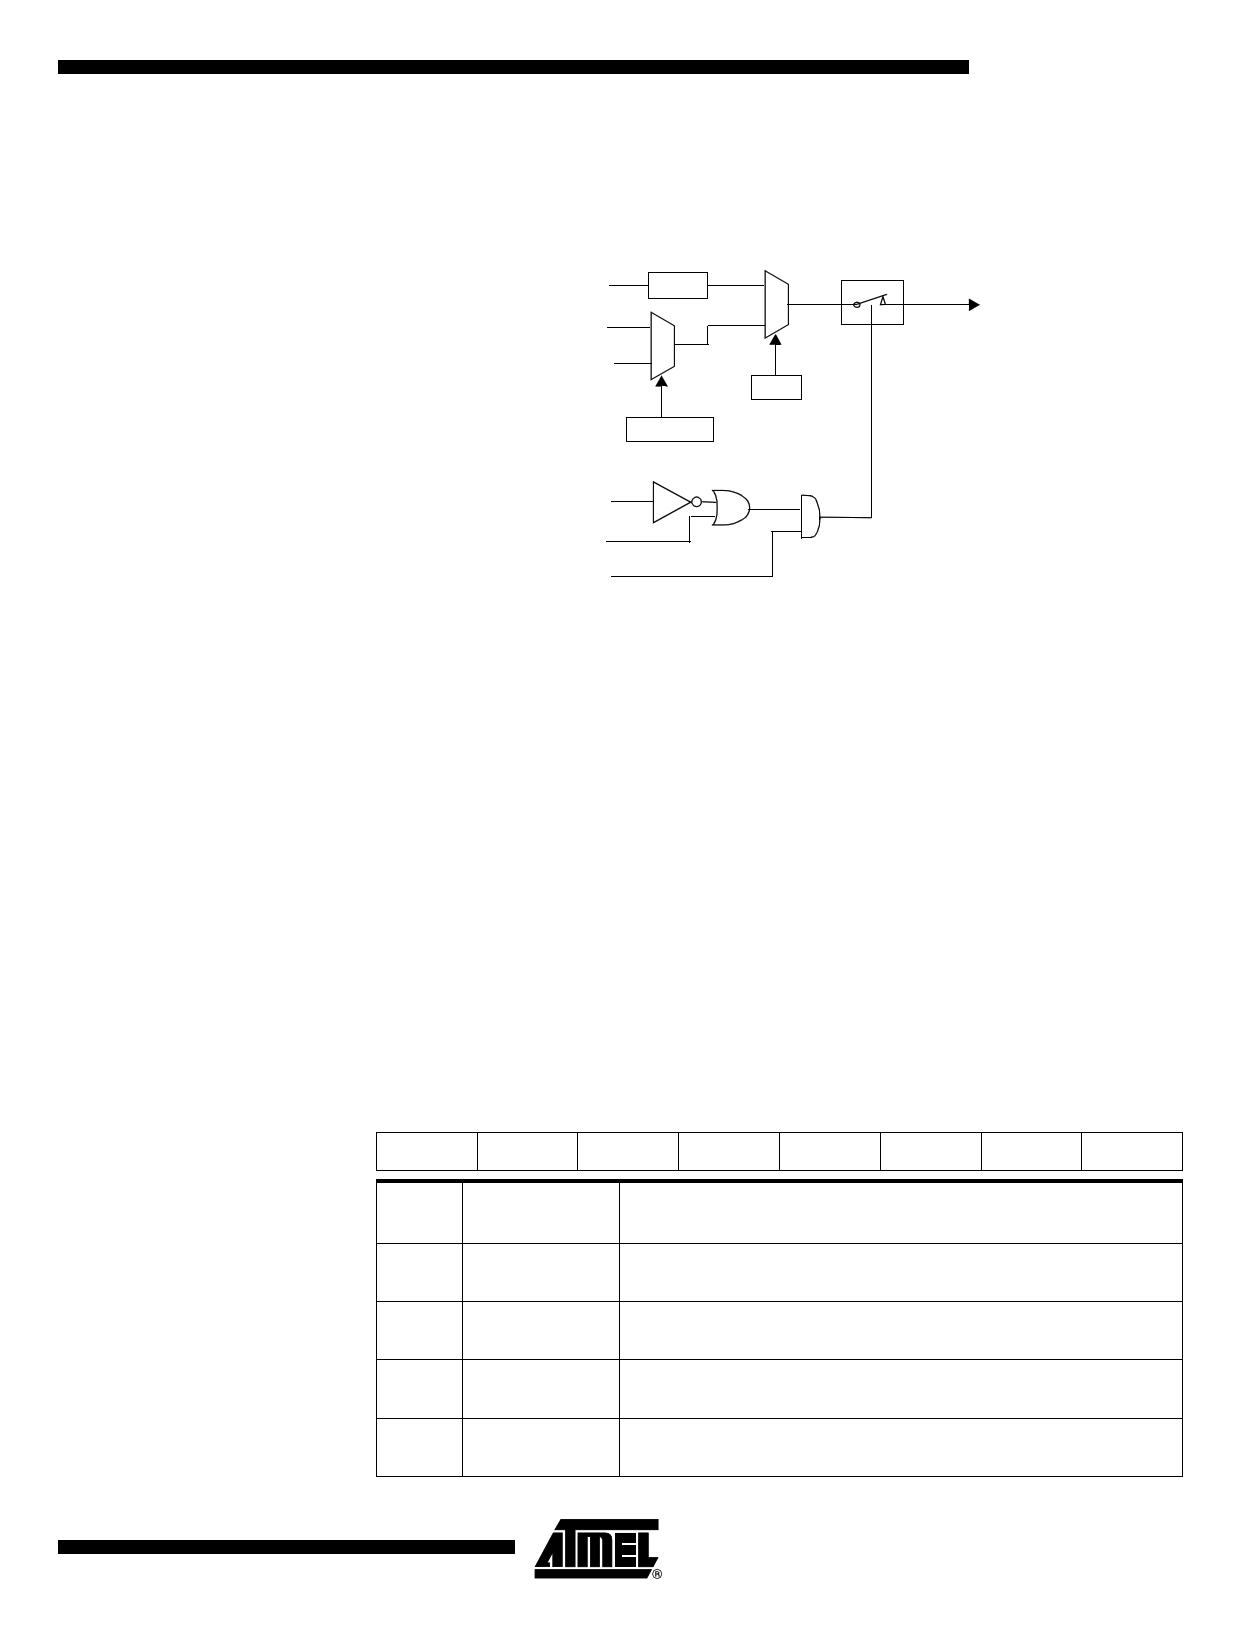 AT80C5112 arduino